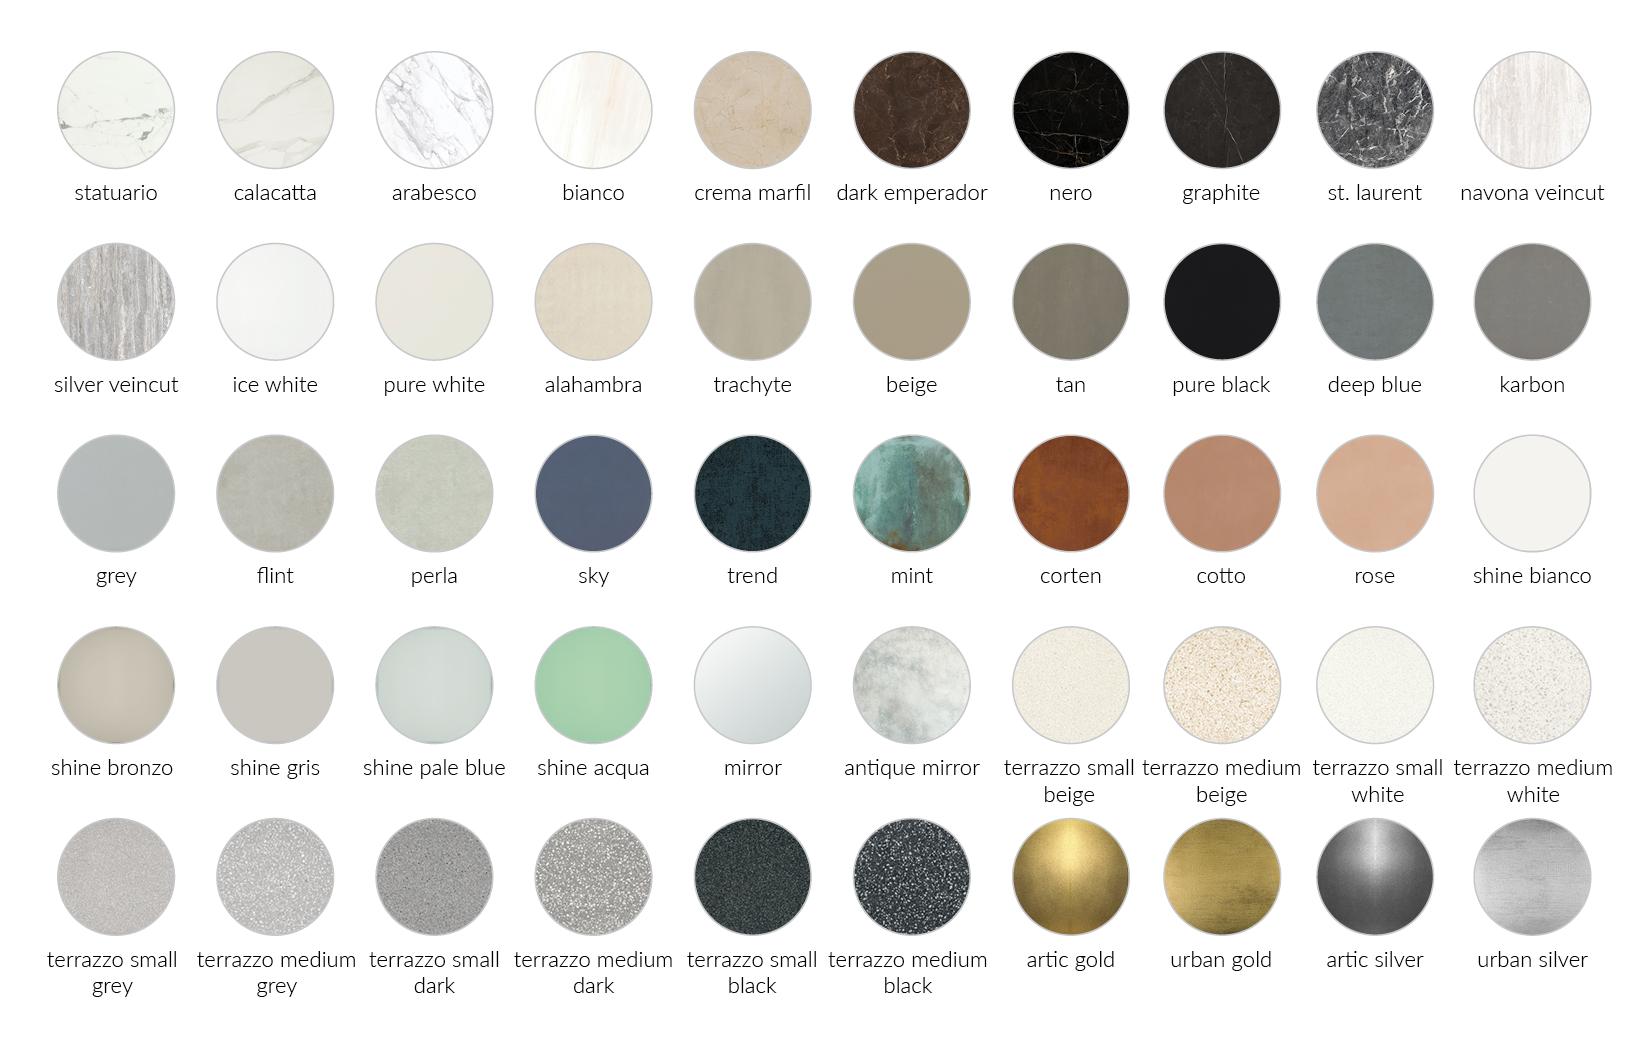 monogram colors.png